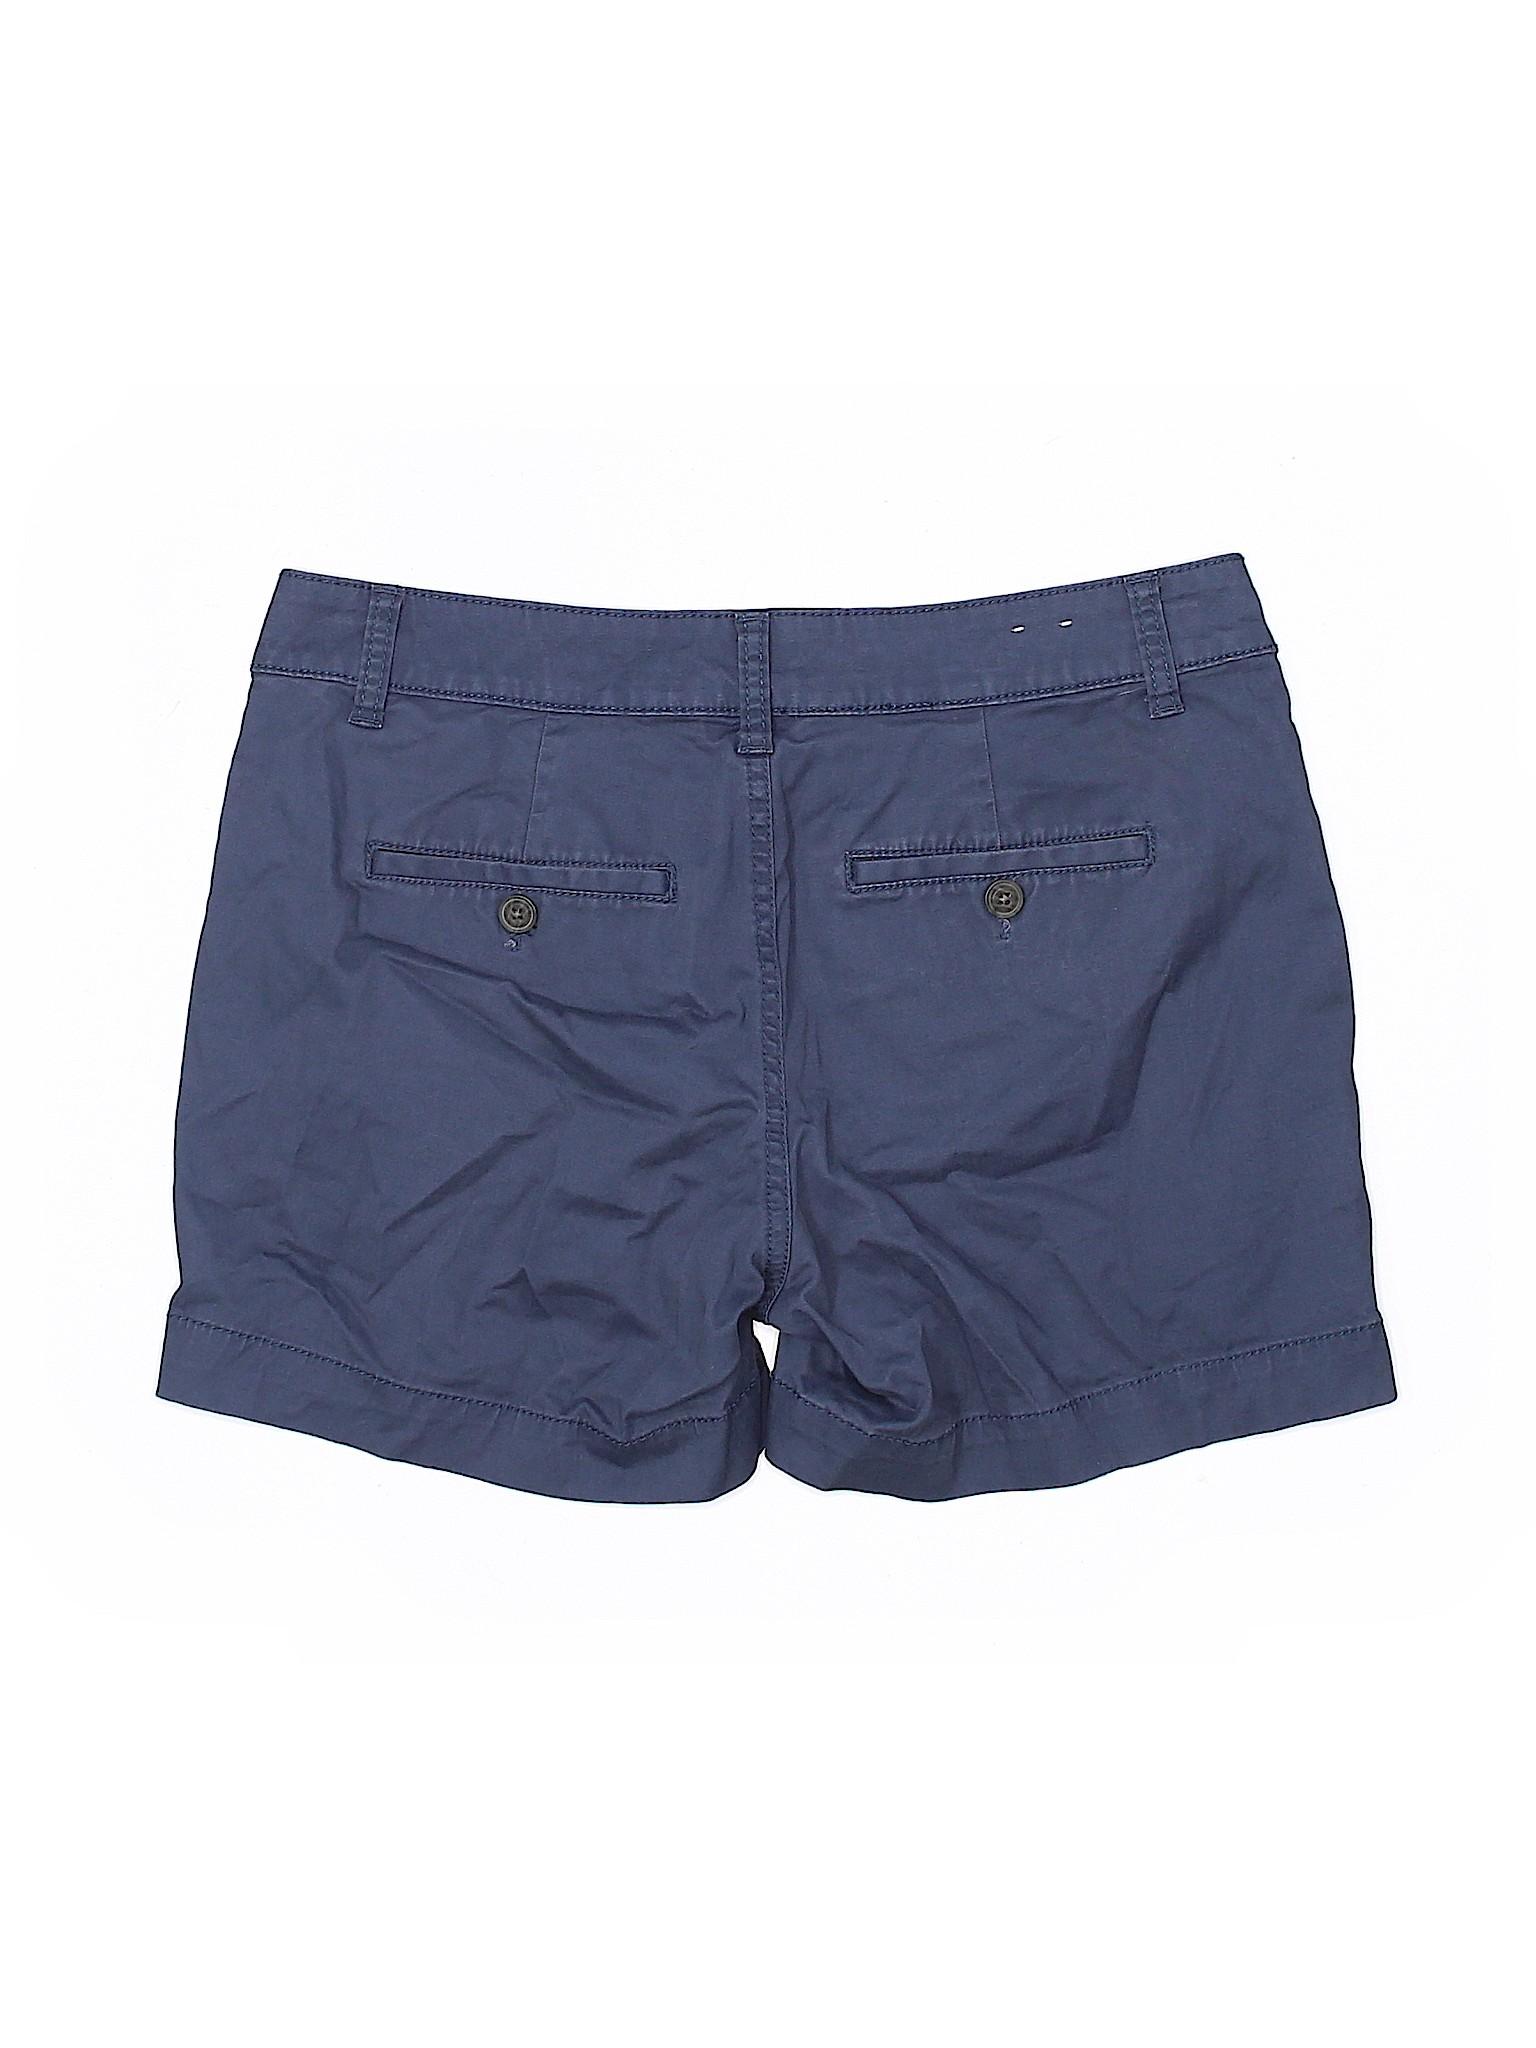 Style Sonoma Winter Boutique Khaki Life Shorts wRqwdt